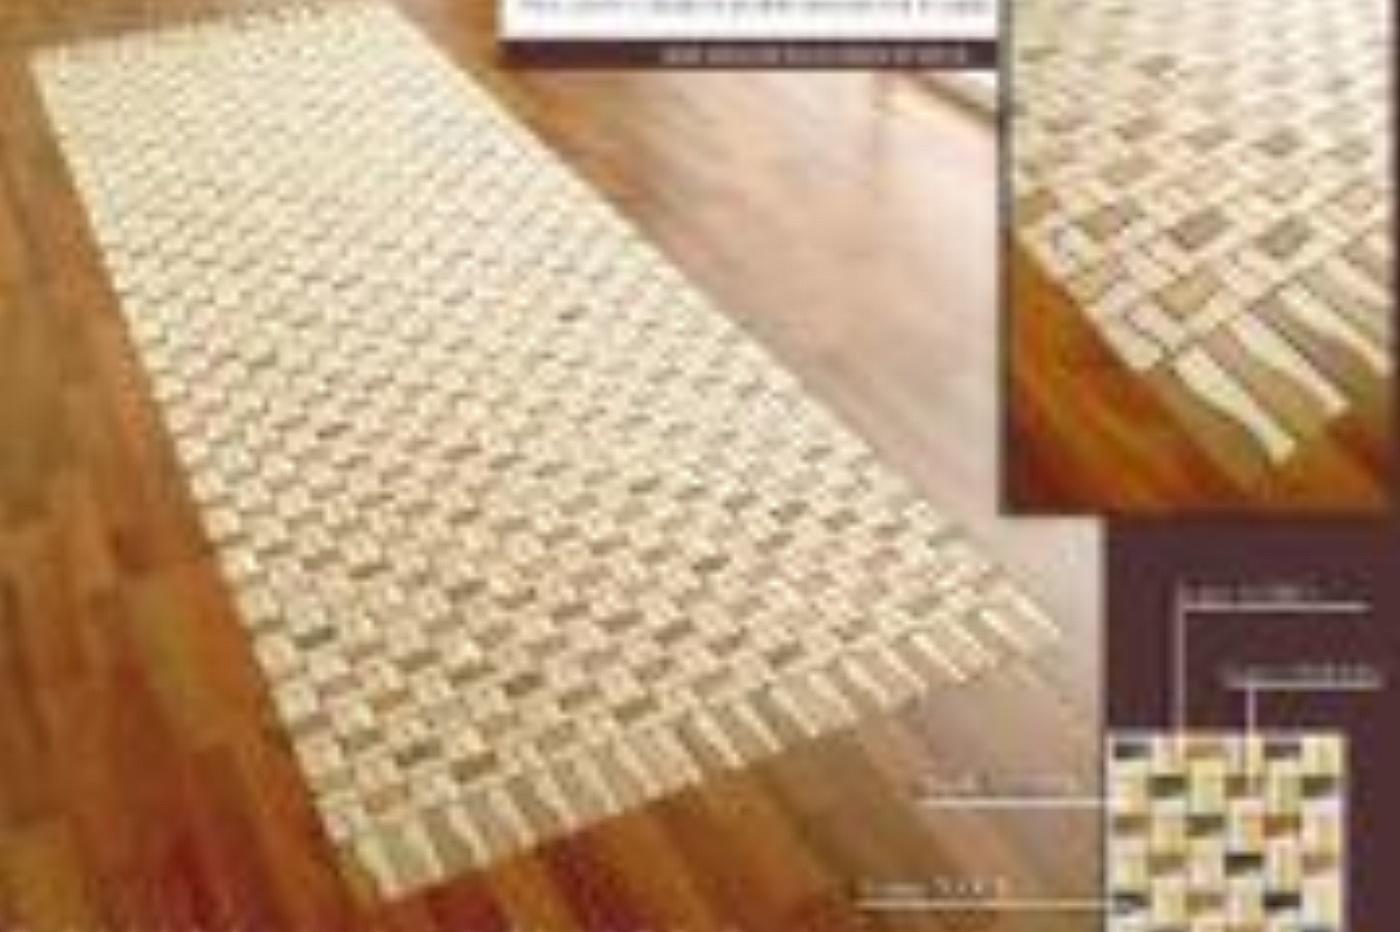 Gaiardoni Piergiorgio - mosaico argilla e legno | >> TrovaPavimenti.it